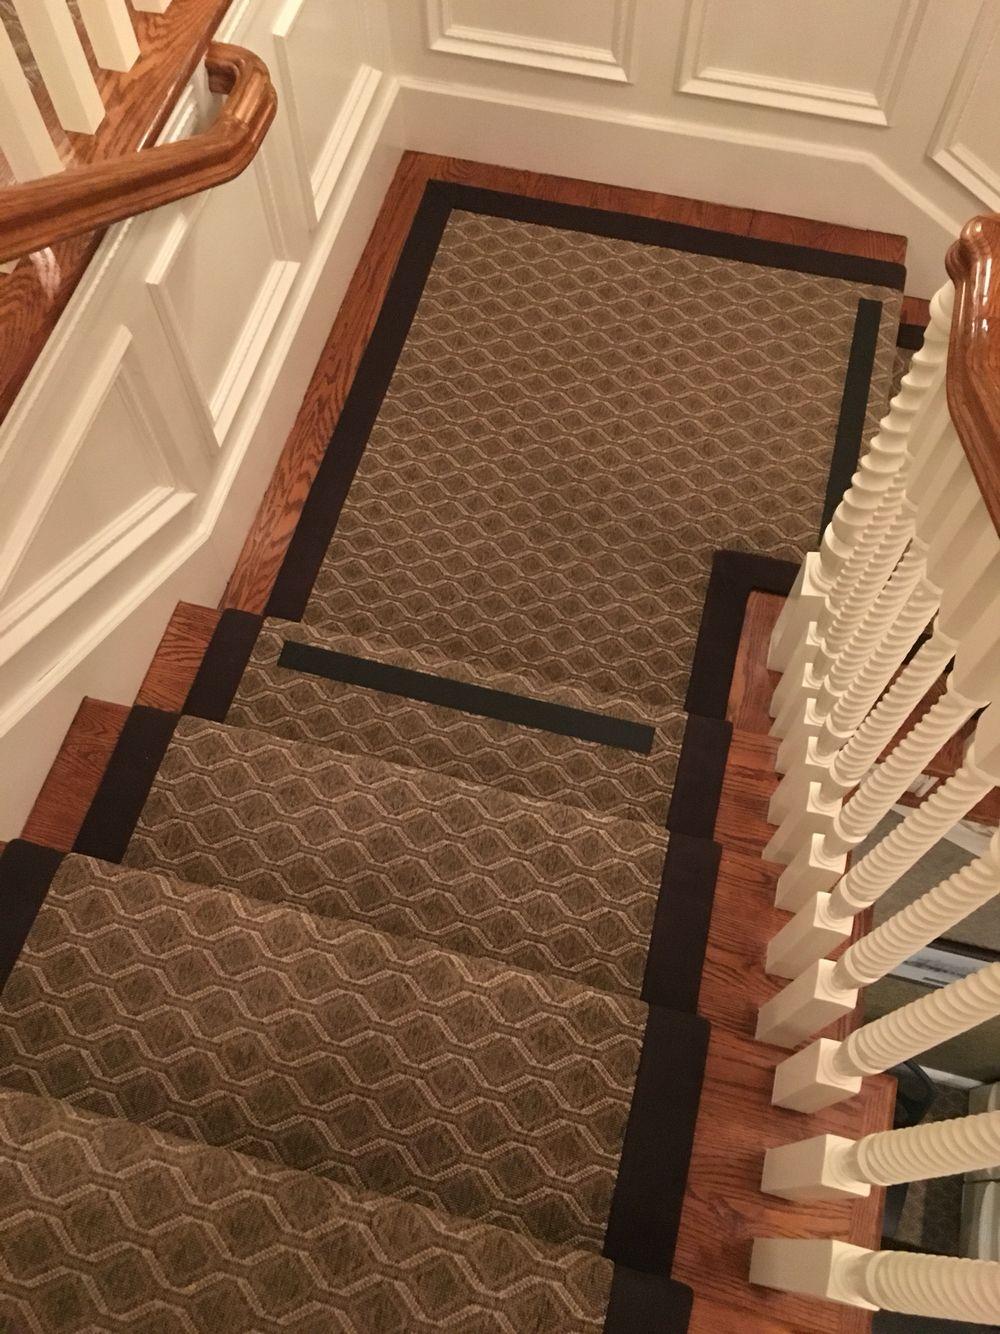 Stanton Indoor Outdoor Carpet Fabricated Into Stair Runner At | Indoor Outdoor Stair Runner | Antelope | Contemporary | Dash | Classic | Herringbone